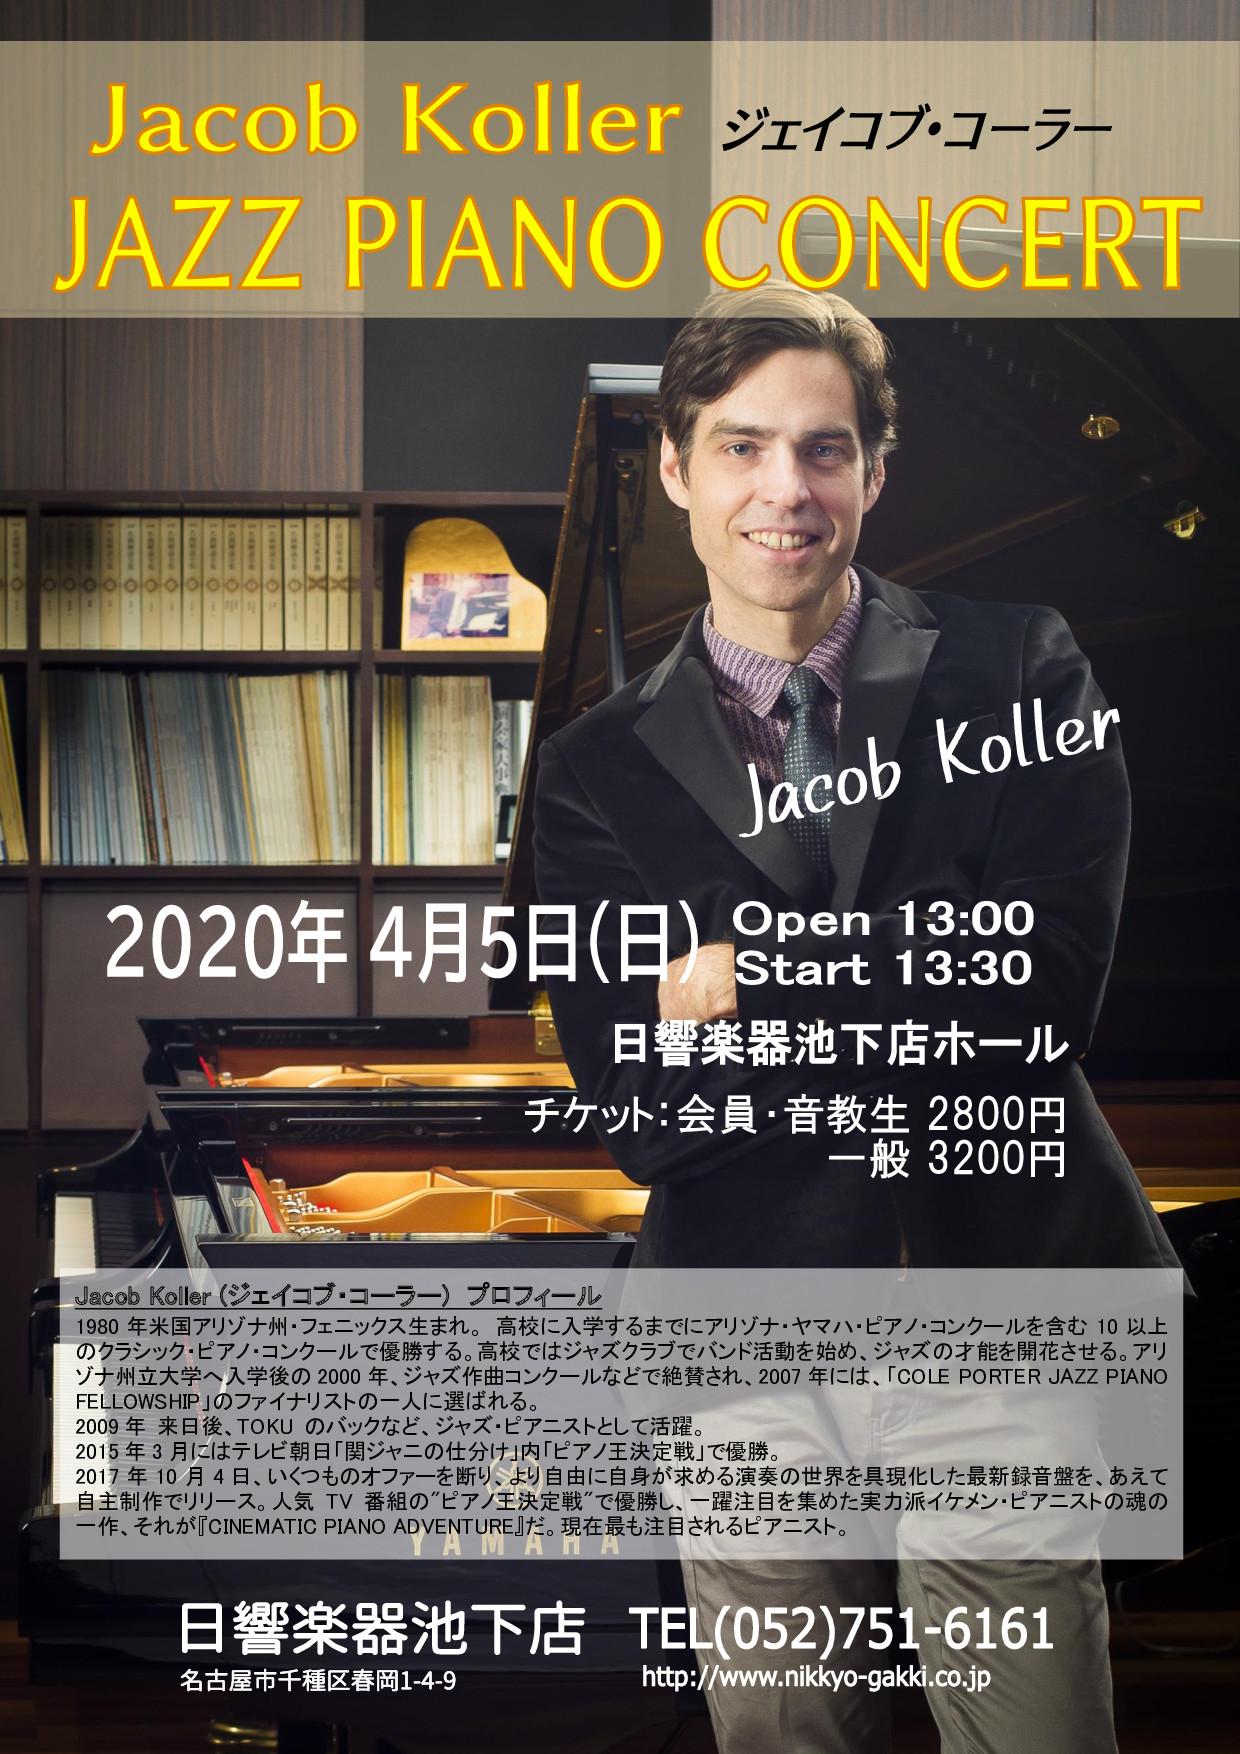 ジェイコブ・コーラージャズピアノコンサート _p001